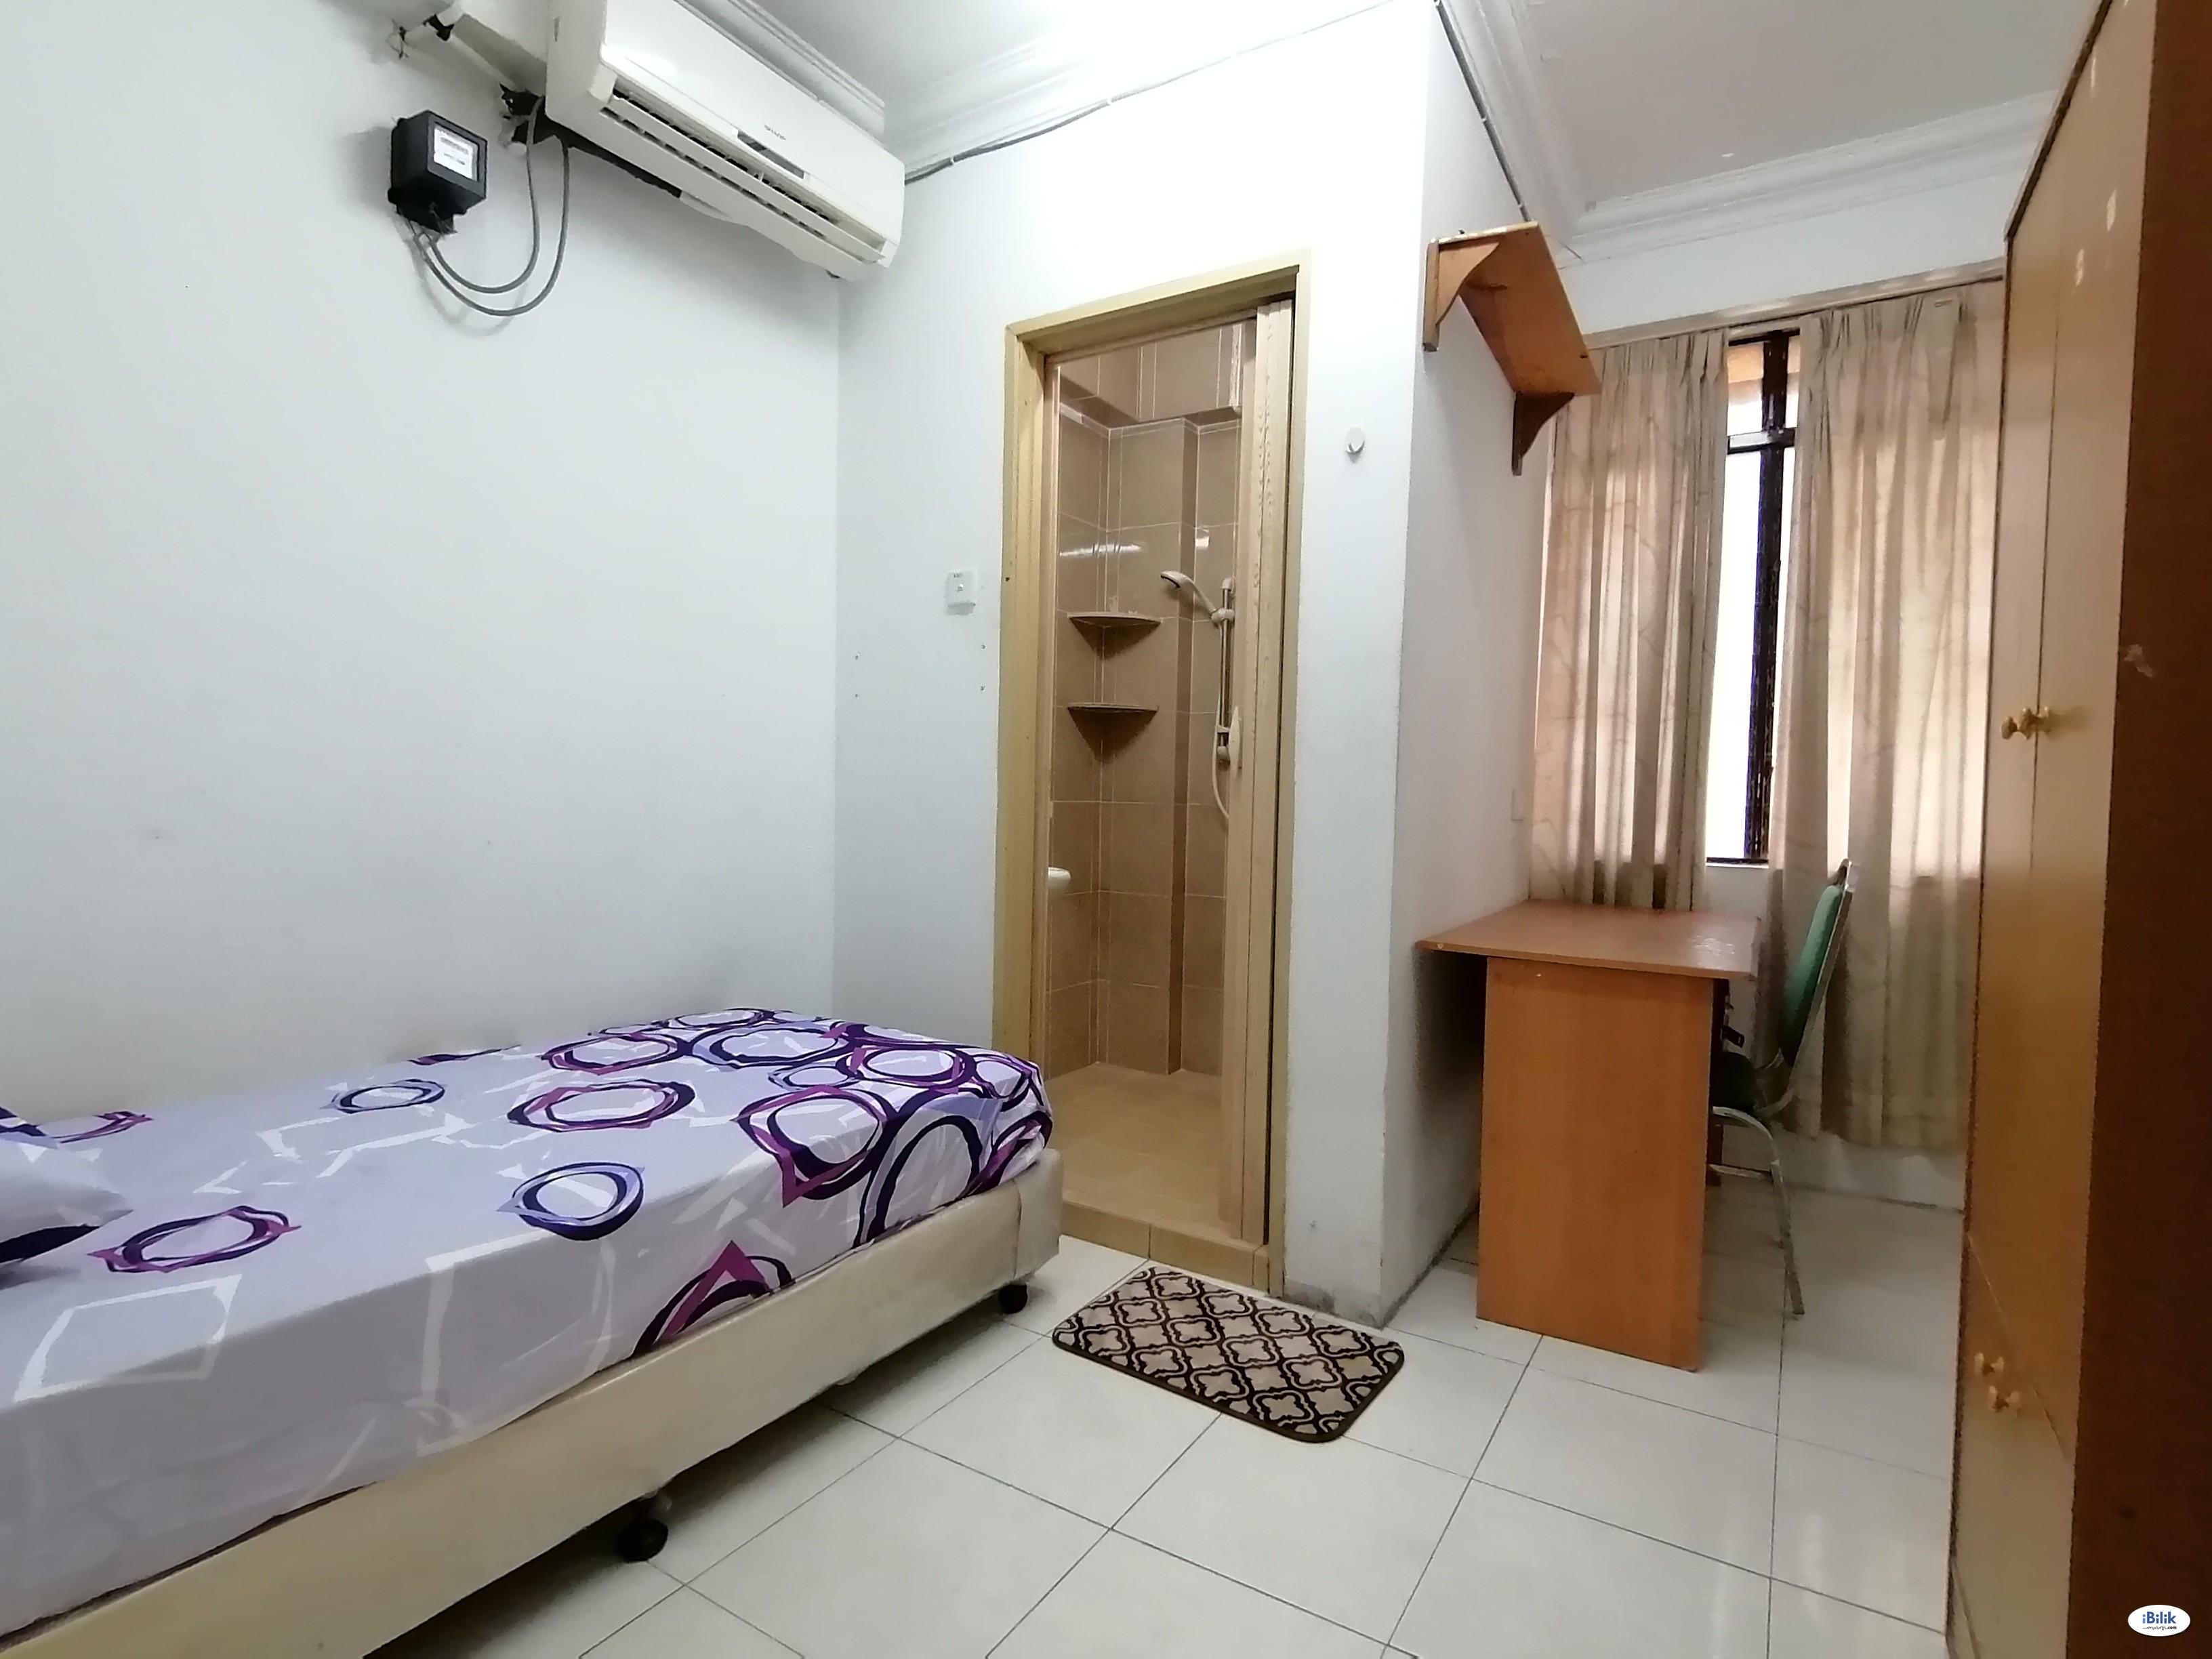 Suite at Bandar Sunway, Petaling Jaya